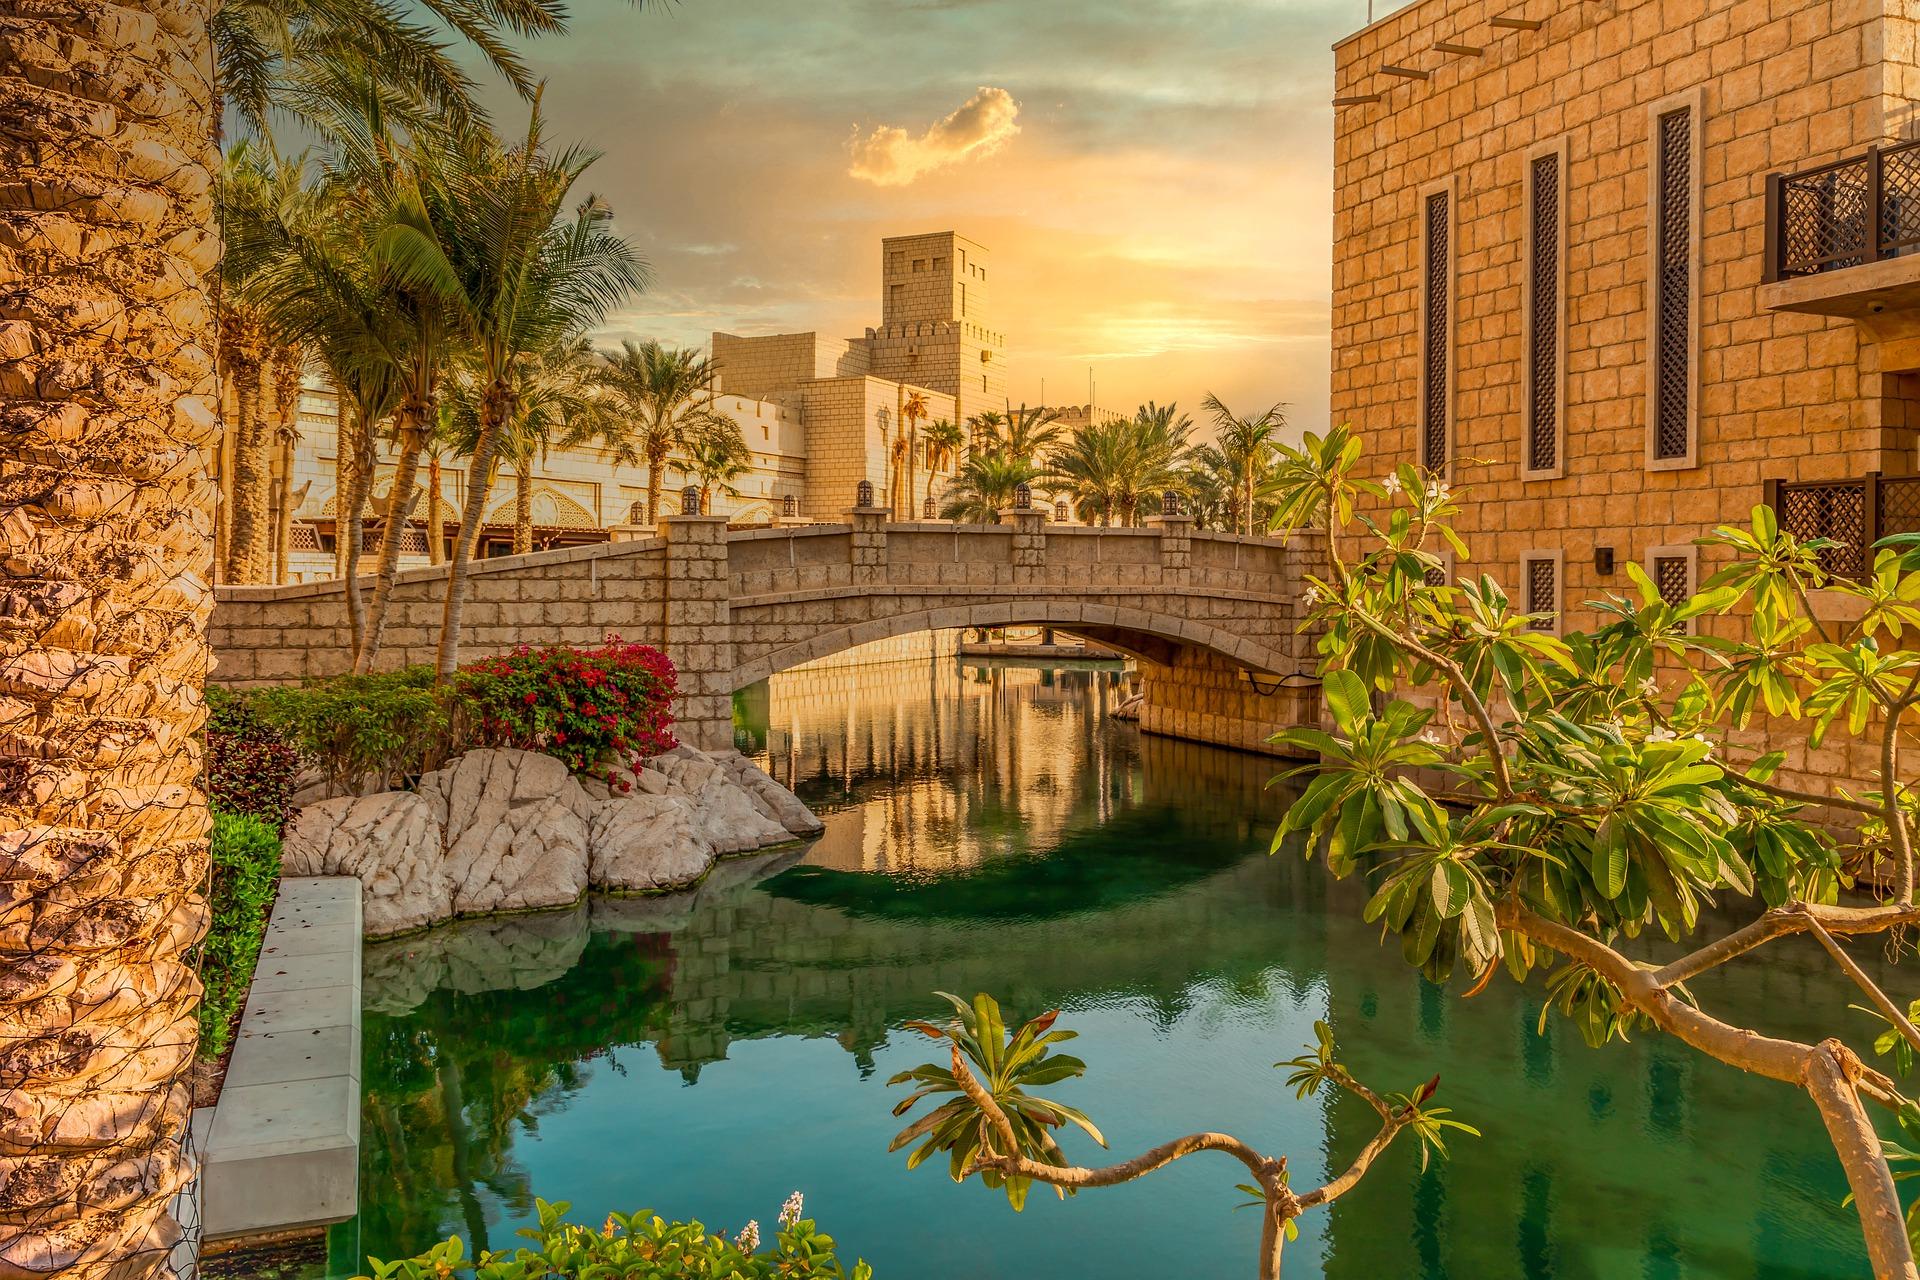 madinat-jumeirah-4803868_1920